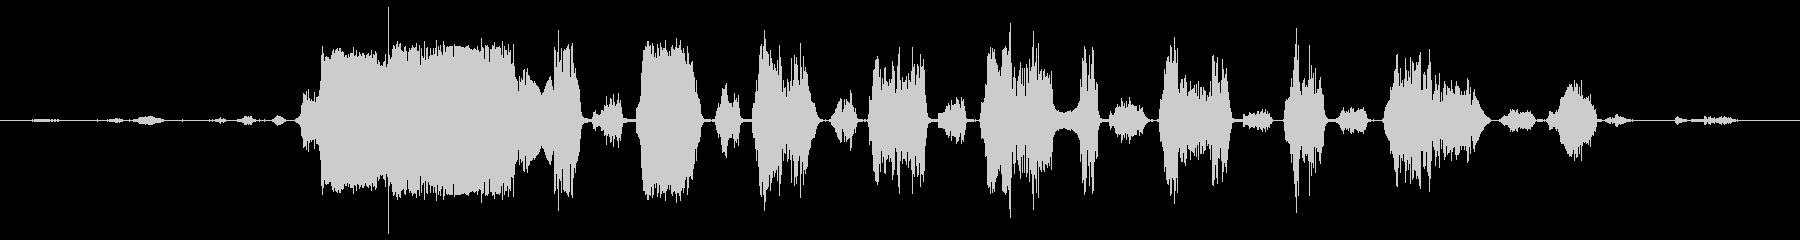 ロバ 泣く01の未再生の波形